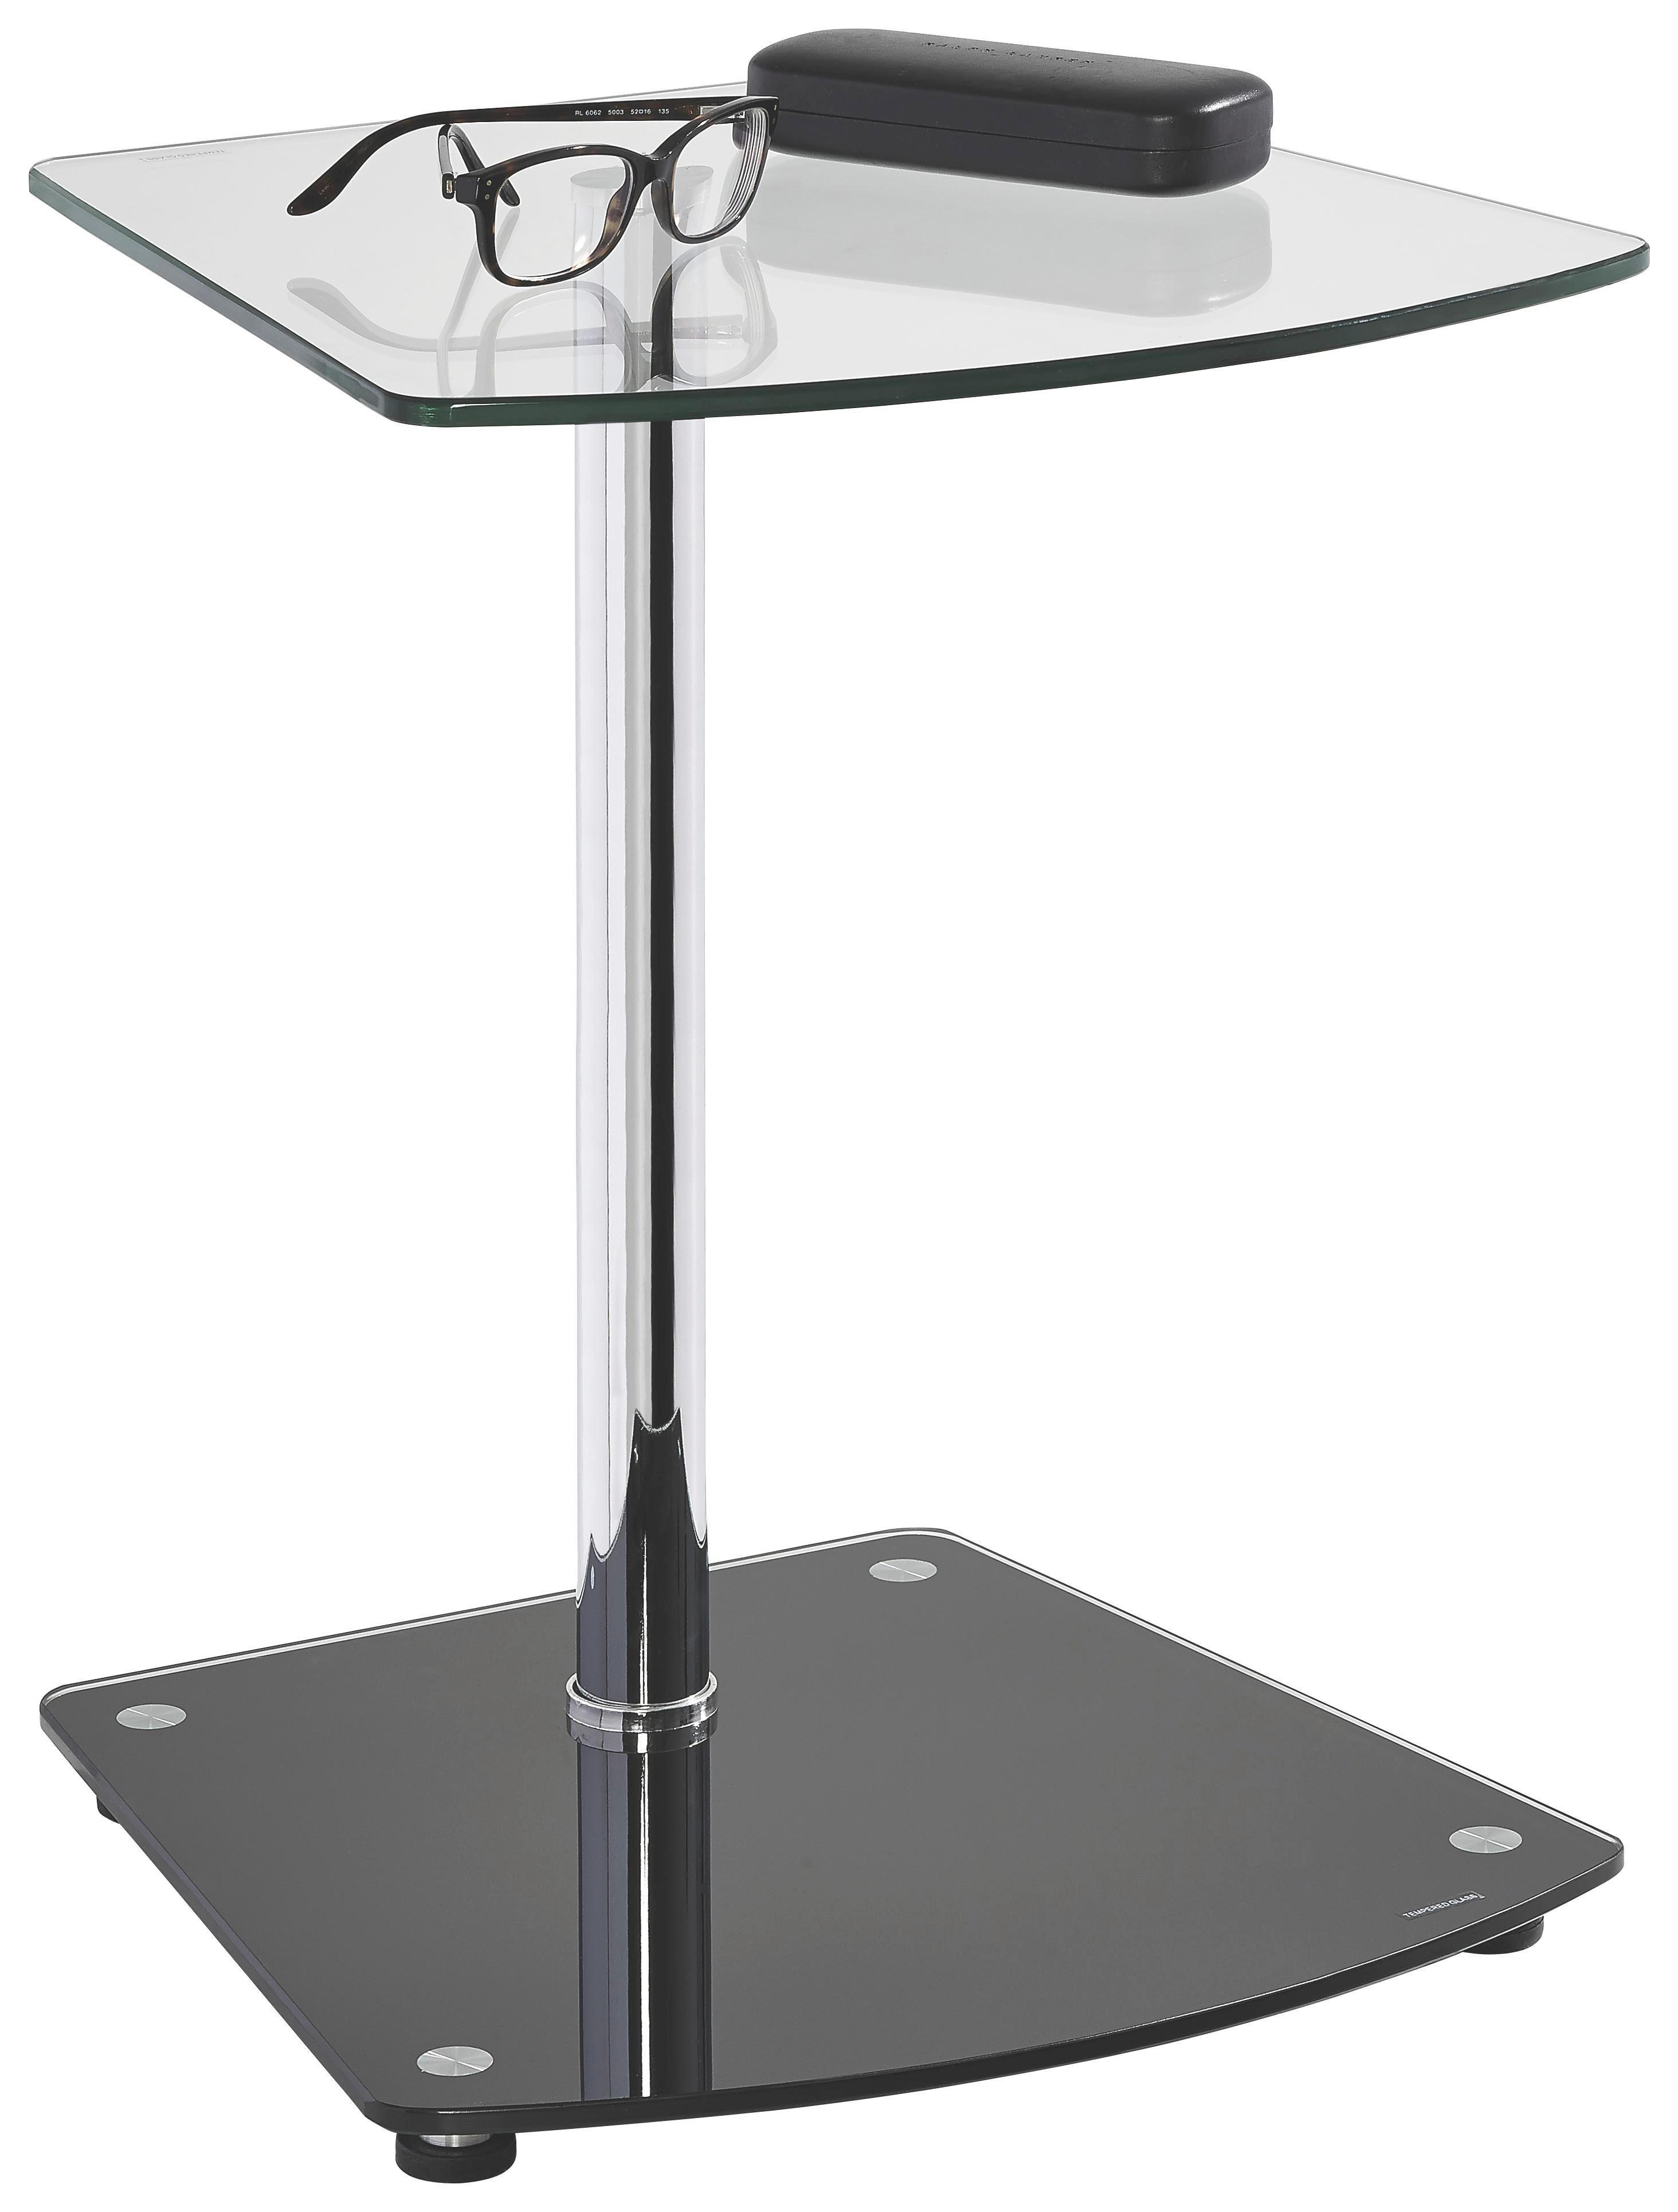 BEISTELLTISCH Freiform Chromfarben, Schwarz - Chromfarben/Schwarz, Design, Glas/Metall (38/50/38cm) - XORA